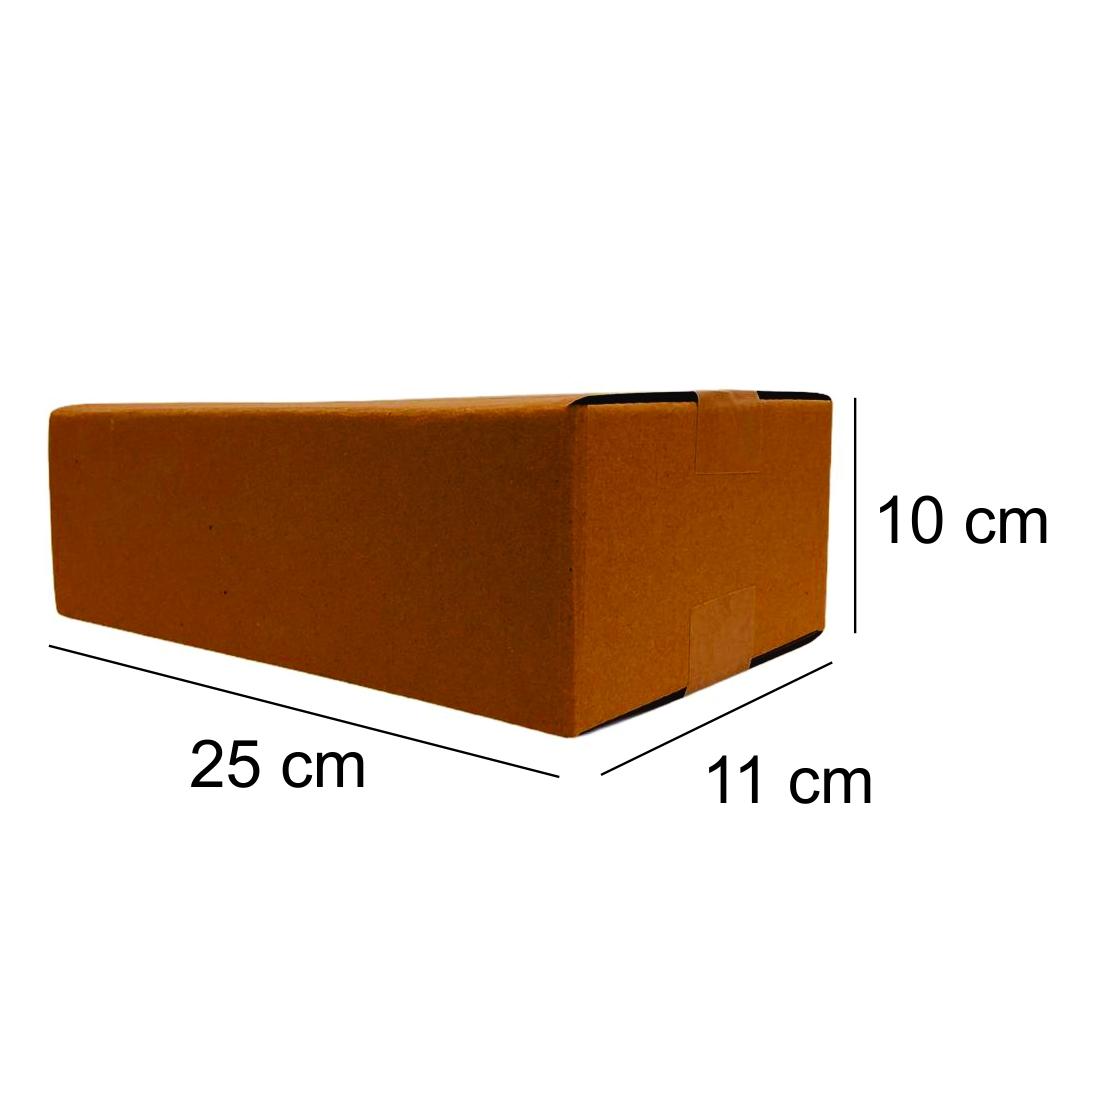 25 Caixas de Papelao (25X11X10)cm - Sedex / Pac / Correios